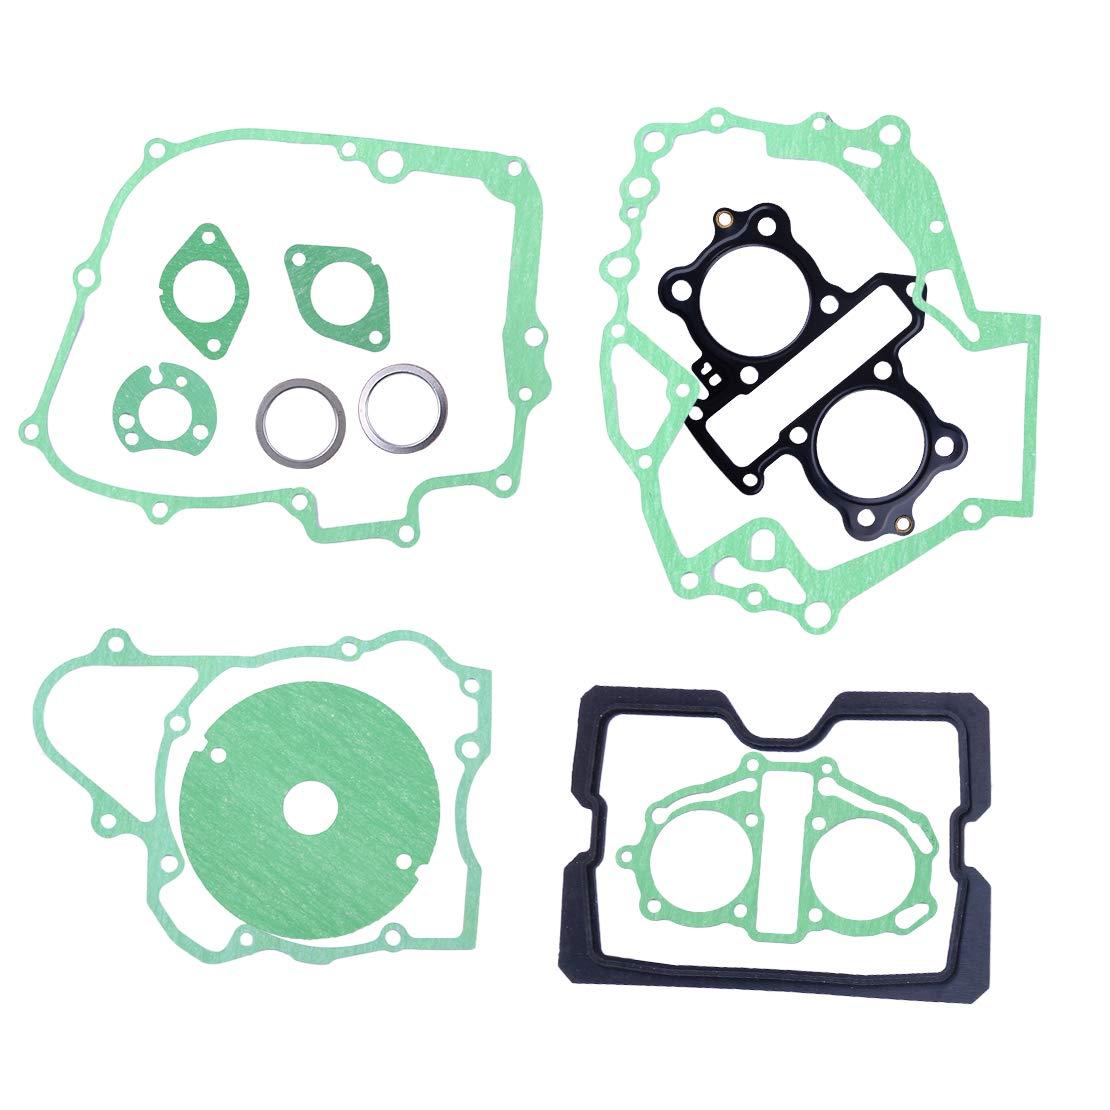 beler 12pcs Engine Cylinder Ring Rebuild Gasket Set Fit for Honda 250 Rebel CA250 CMX250 CMX250C